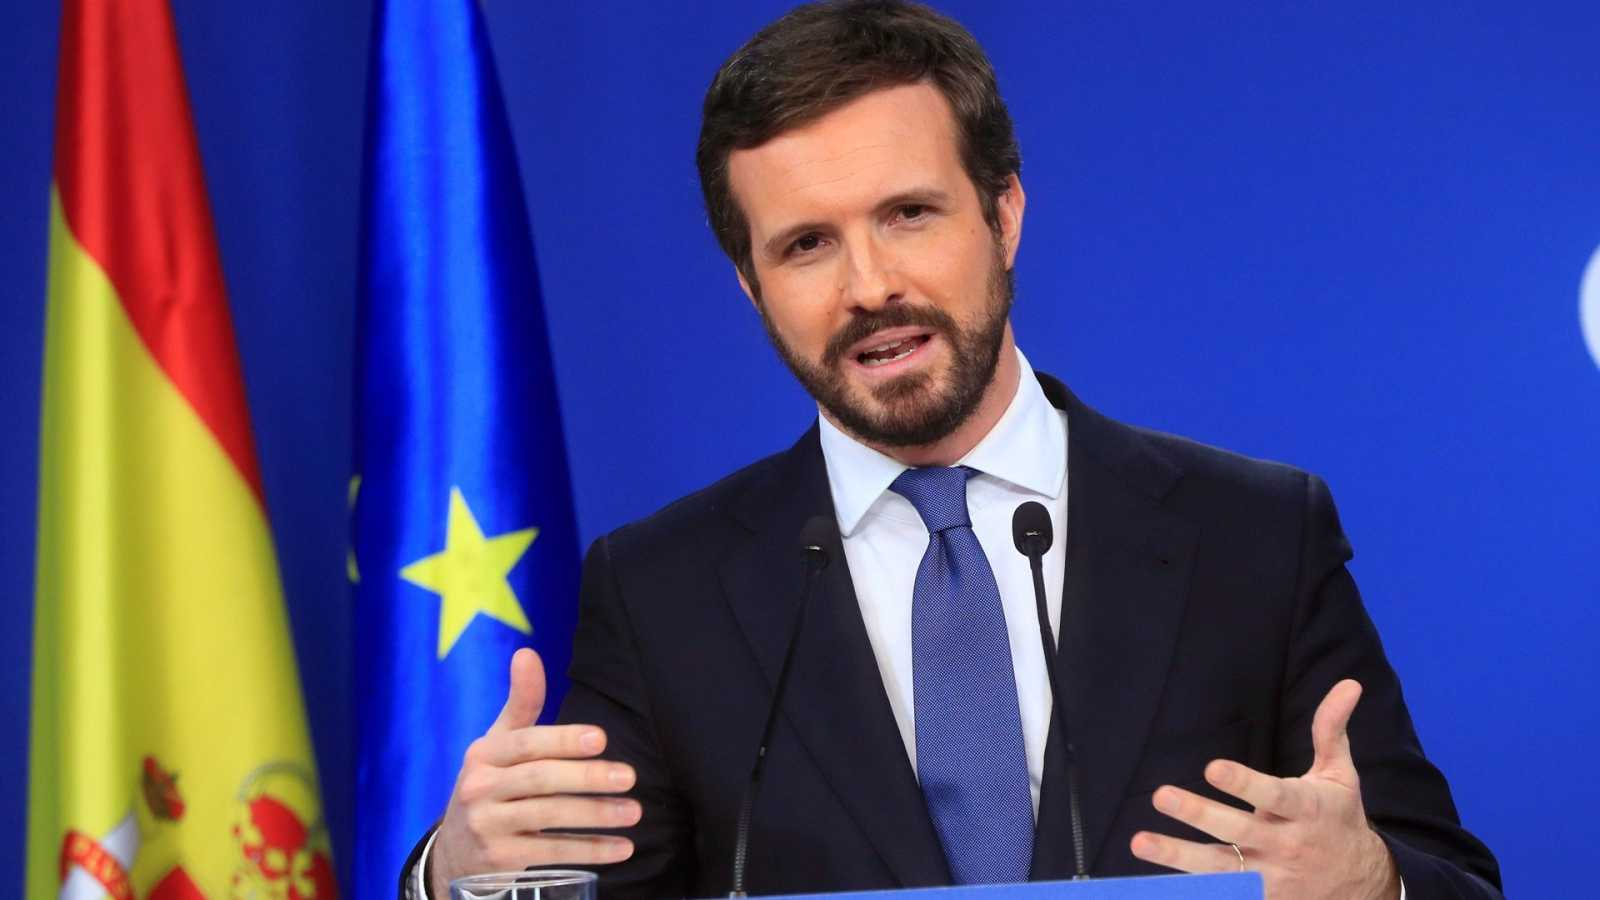 El líder del Partido Popular, Pablo Casado durante la rueda de prensa para hacer balance del año en la sede del partido en Madrid este martes.